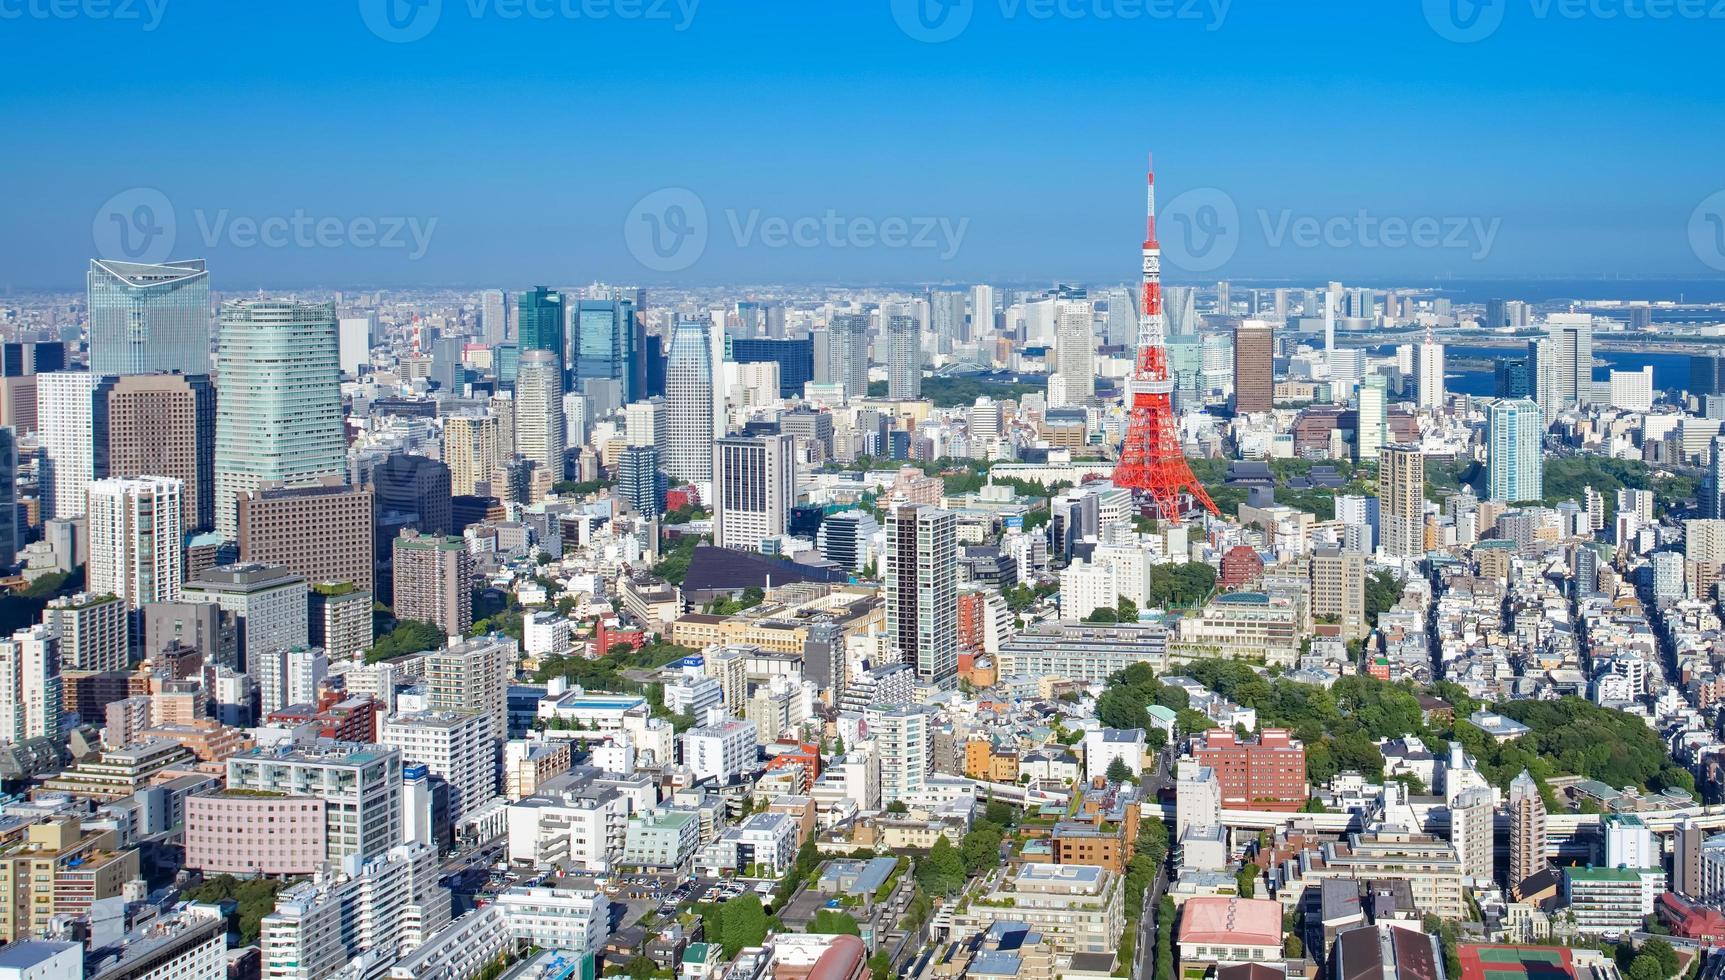 vista de la ciudad de tokio y tokio hito torre de tokio foto